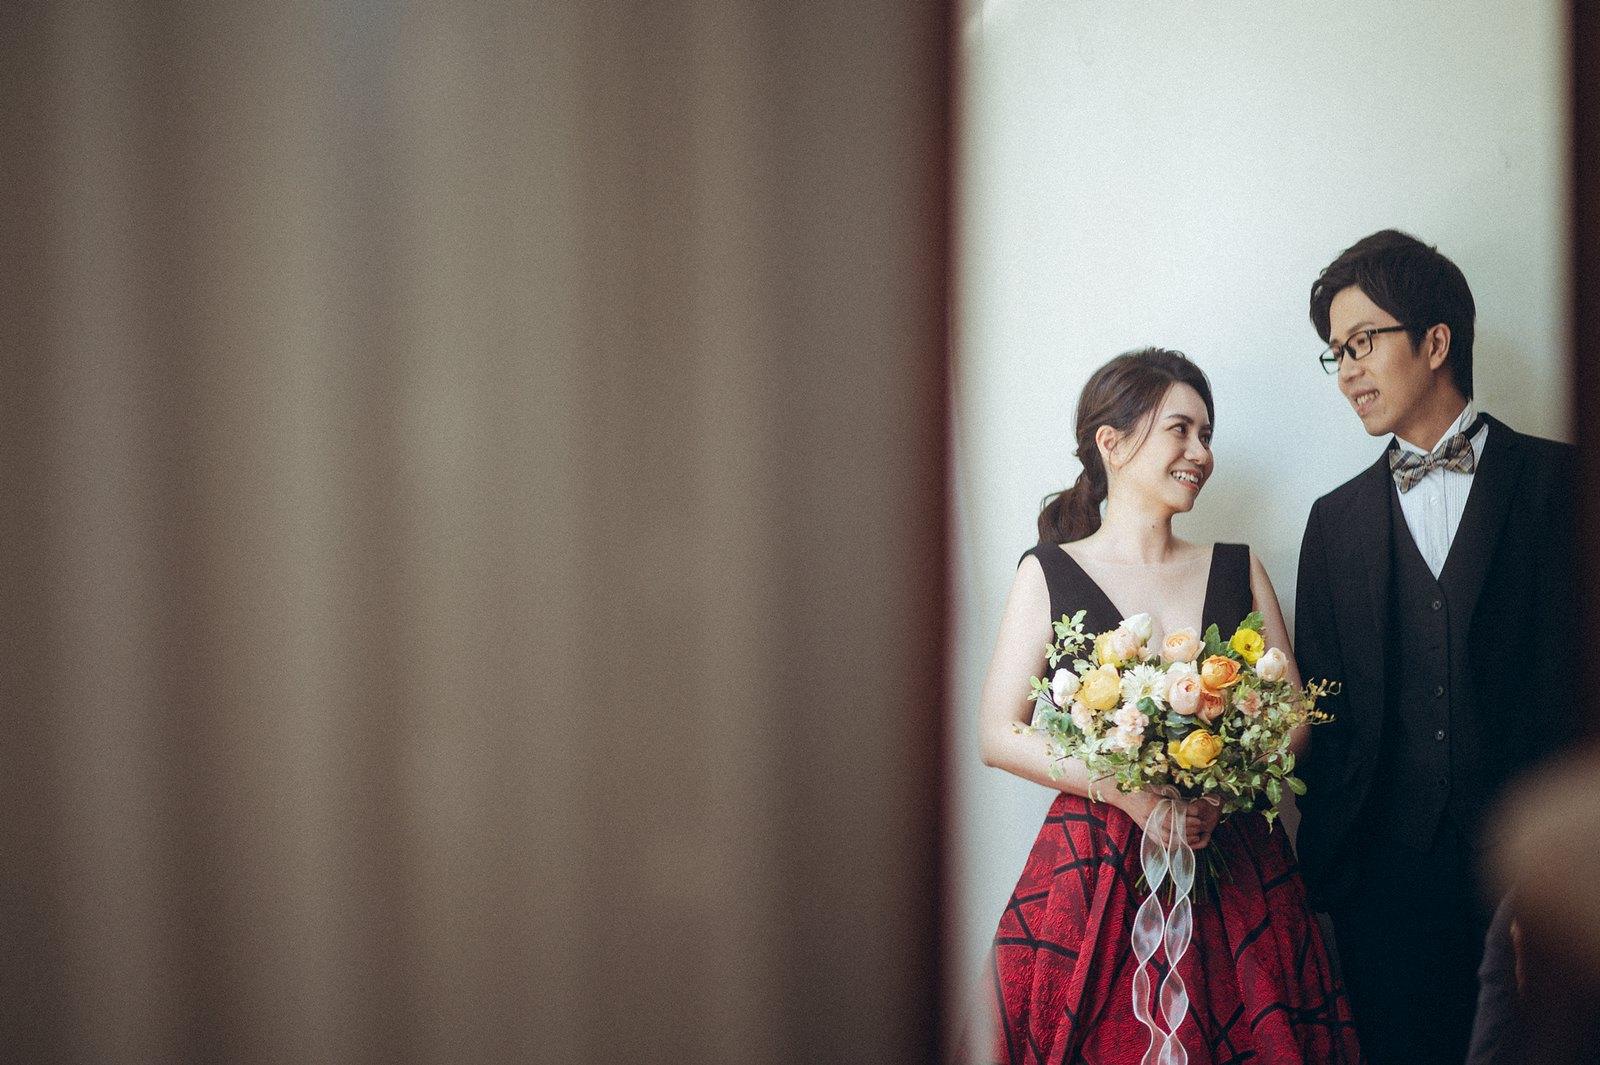 【婚紗】Cassie & JoJo / 眷村婚紗 / F&P studio